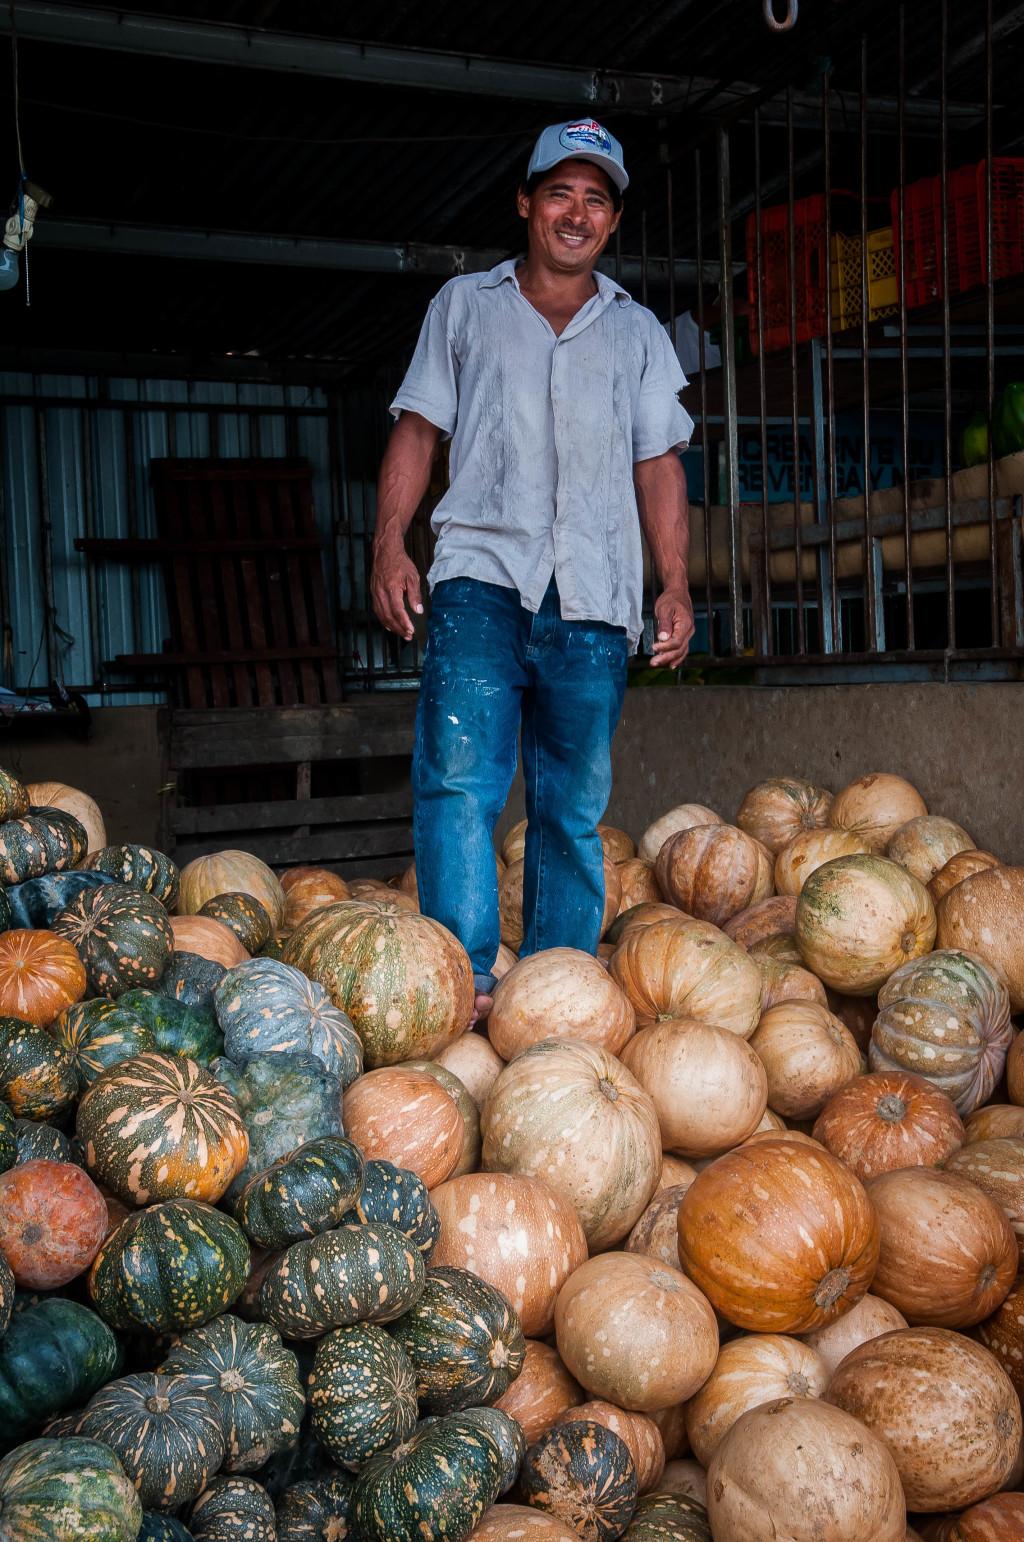 Zapallos en Mercado de Abastos Panama